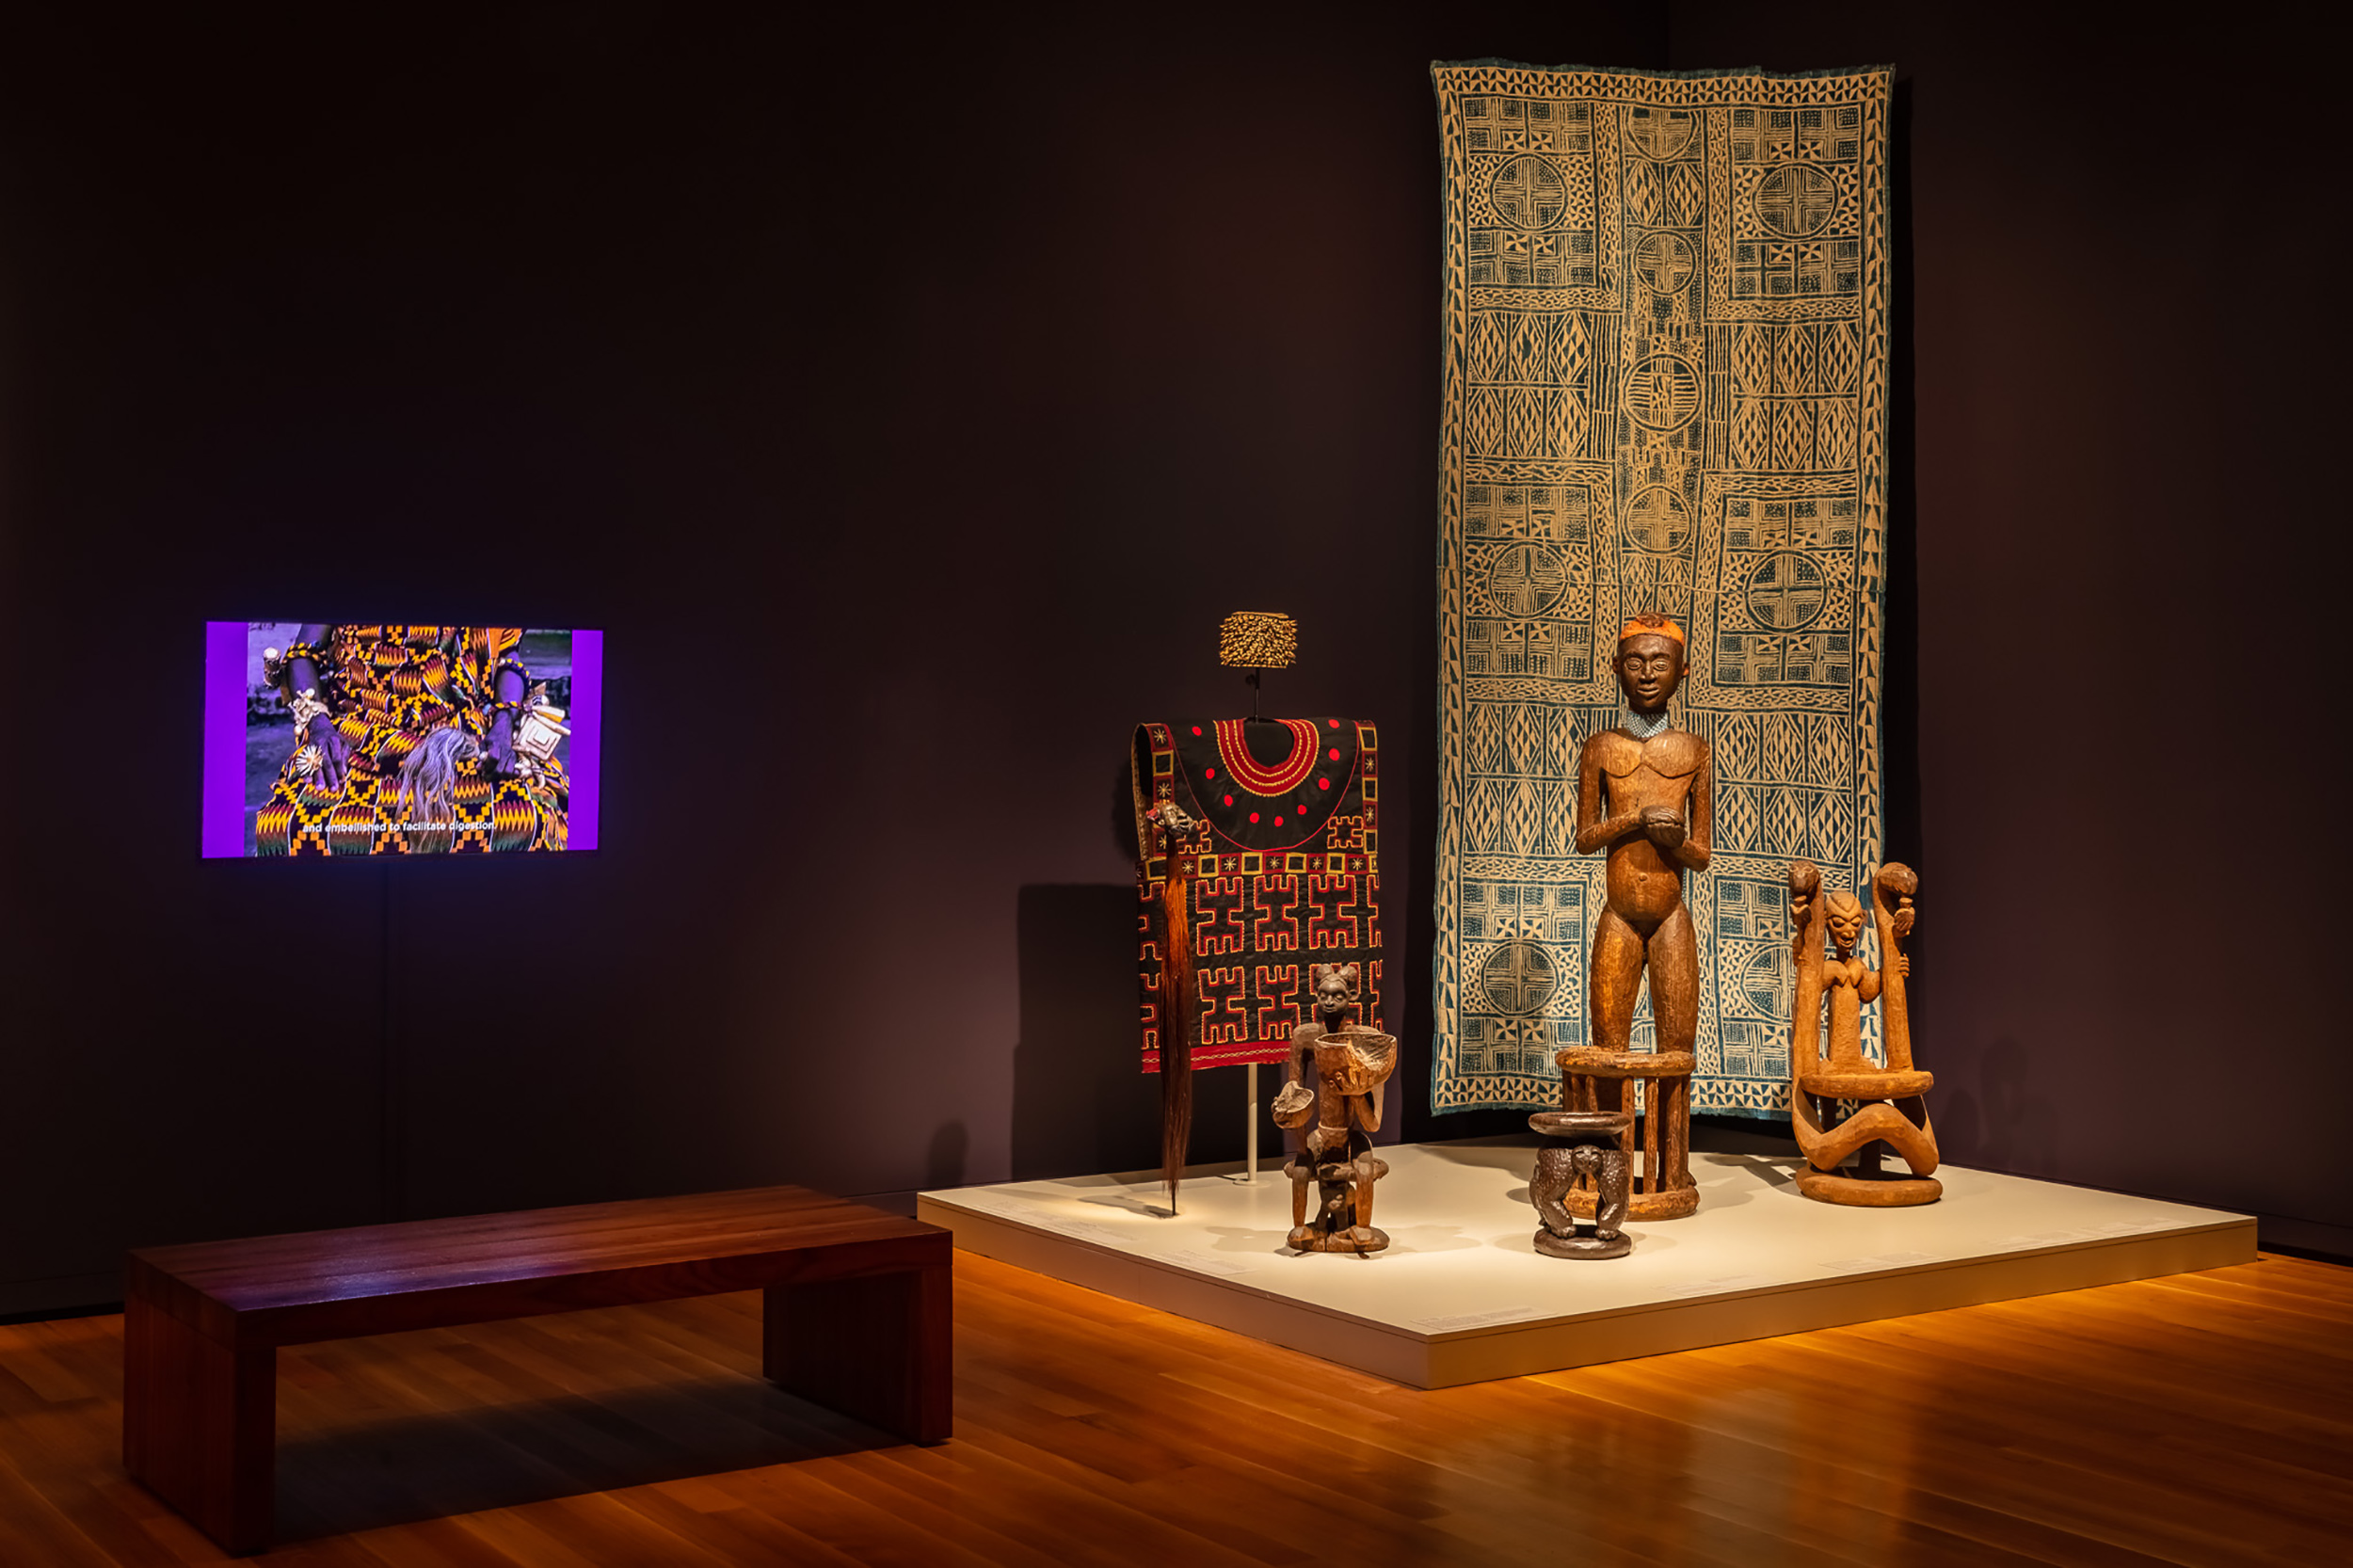 20180430-african gallery-0002-nw.jpg